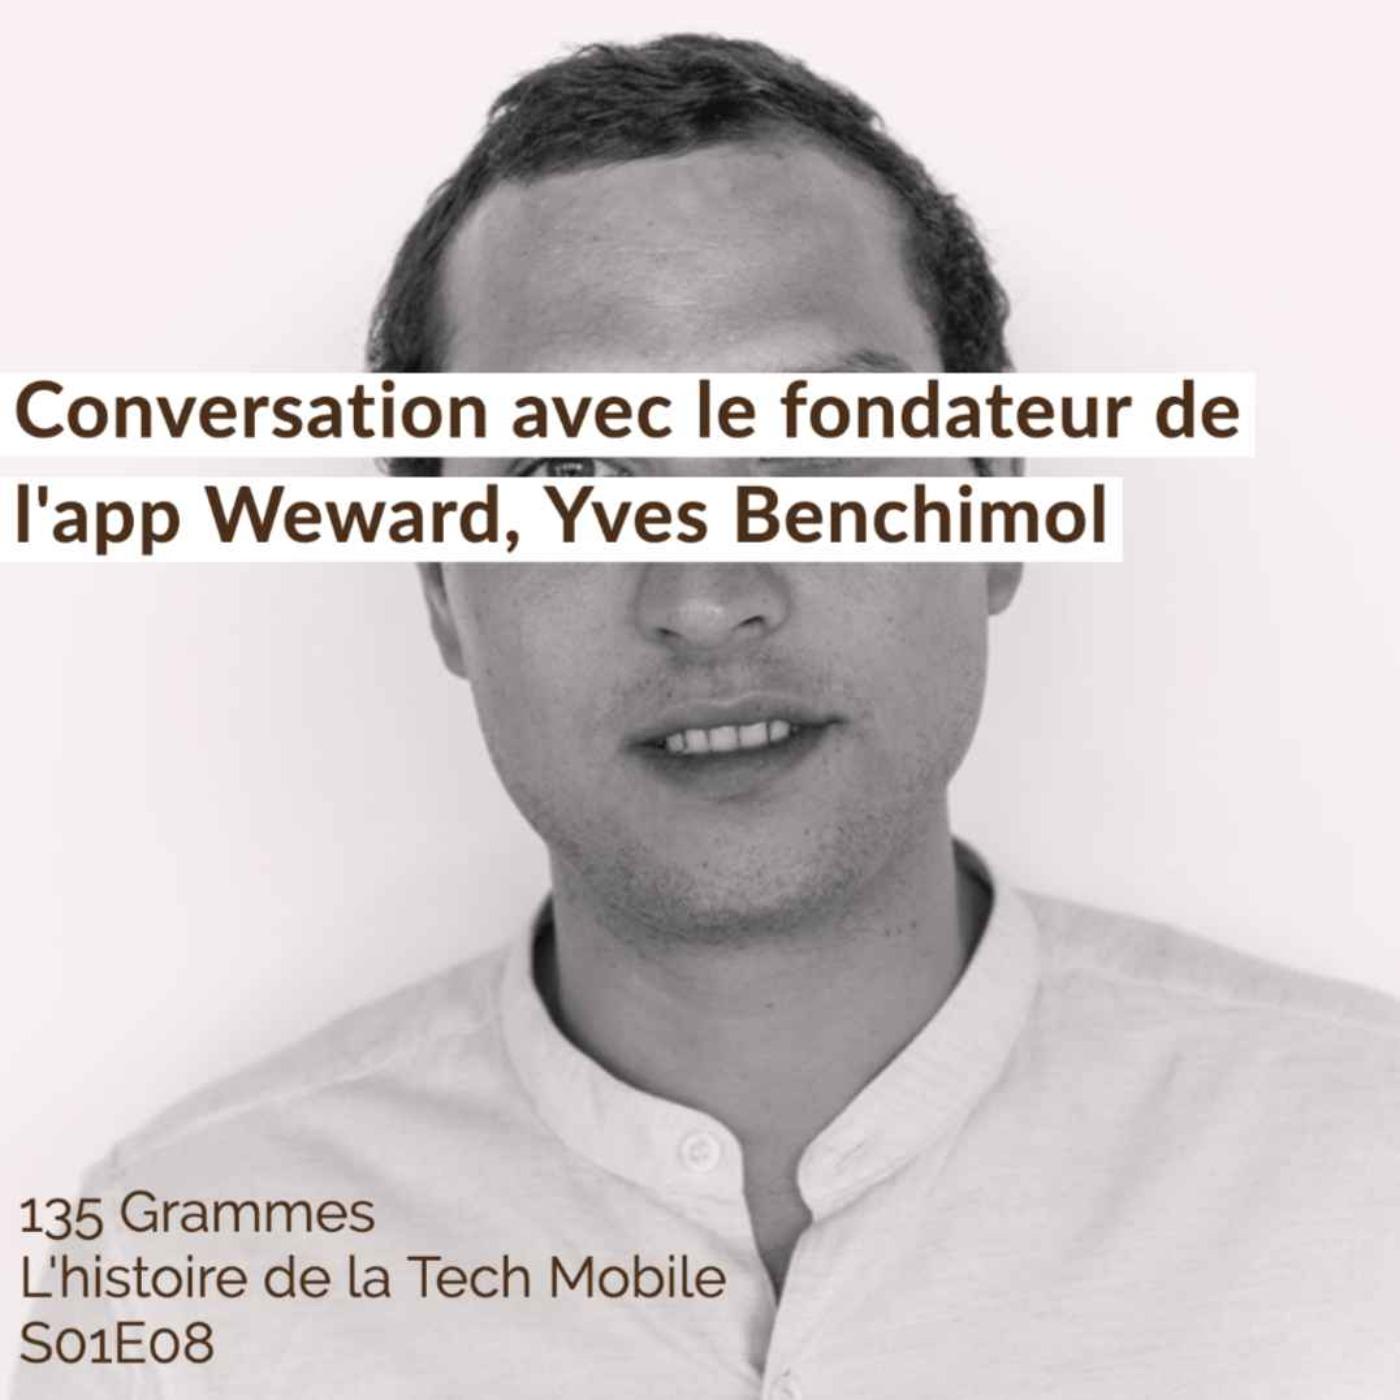 Conversation avec le fondateur de l'app Weward, Yves Benchimol